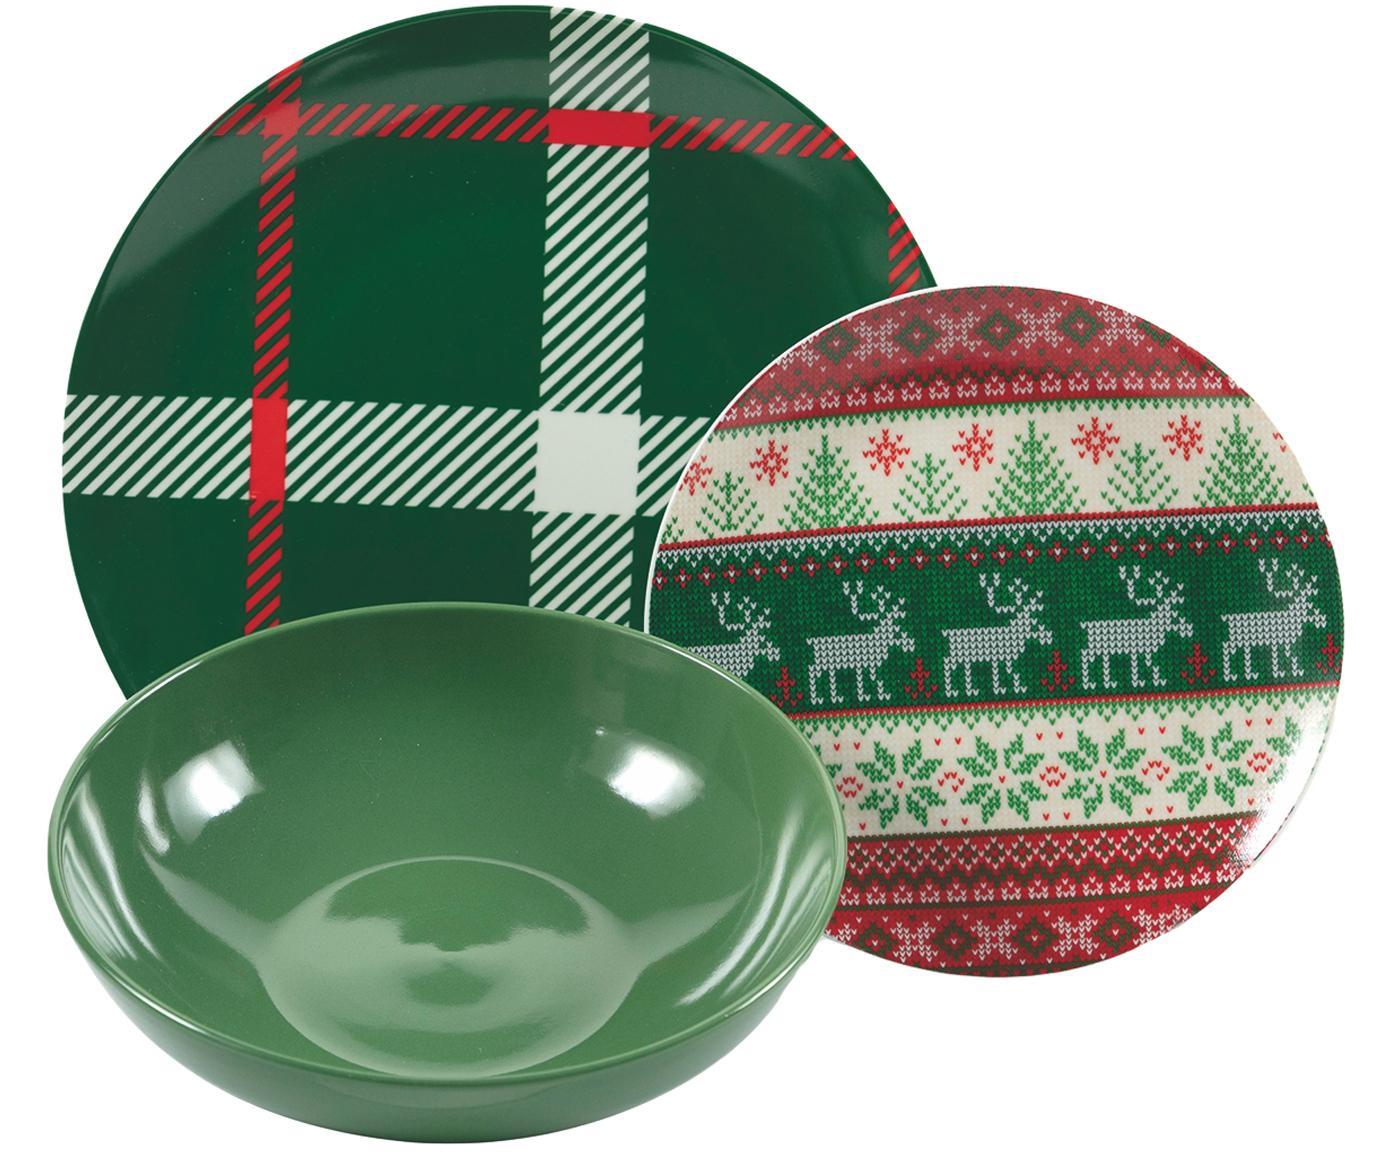 Set 18 piatti con motivo invernale Chalet, Porcellana, terracotta, Multicolore, Diverse dimensioni